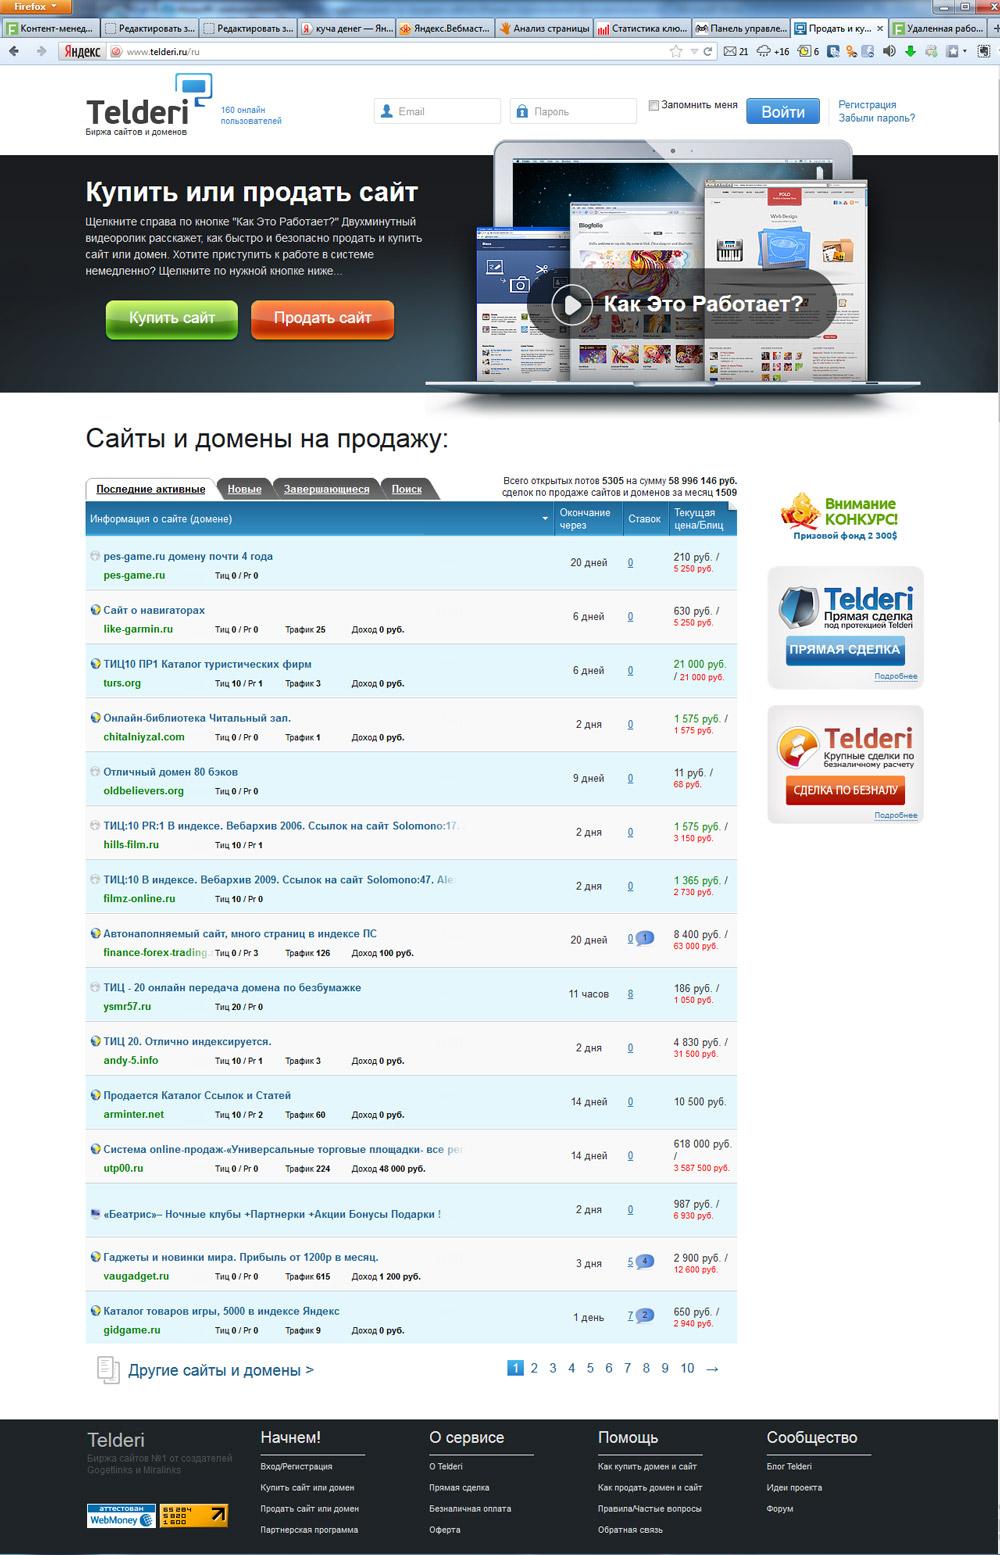 Главная страница биржи сайтов Telderi